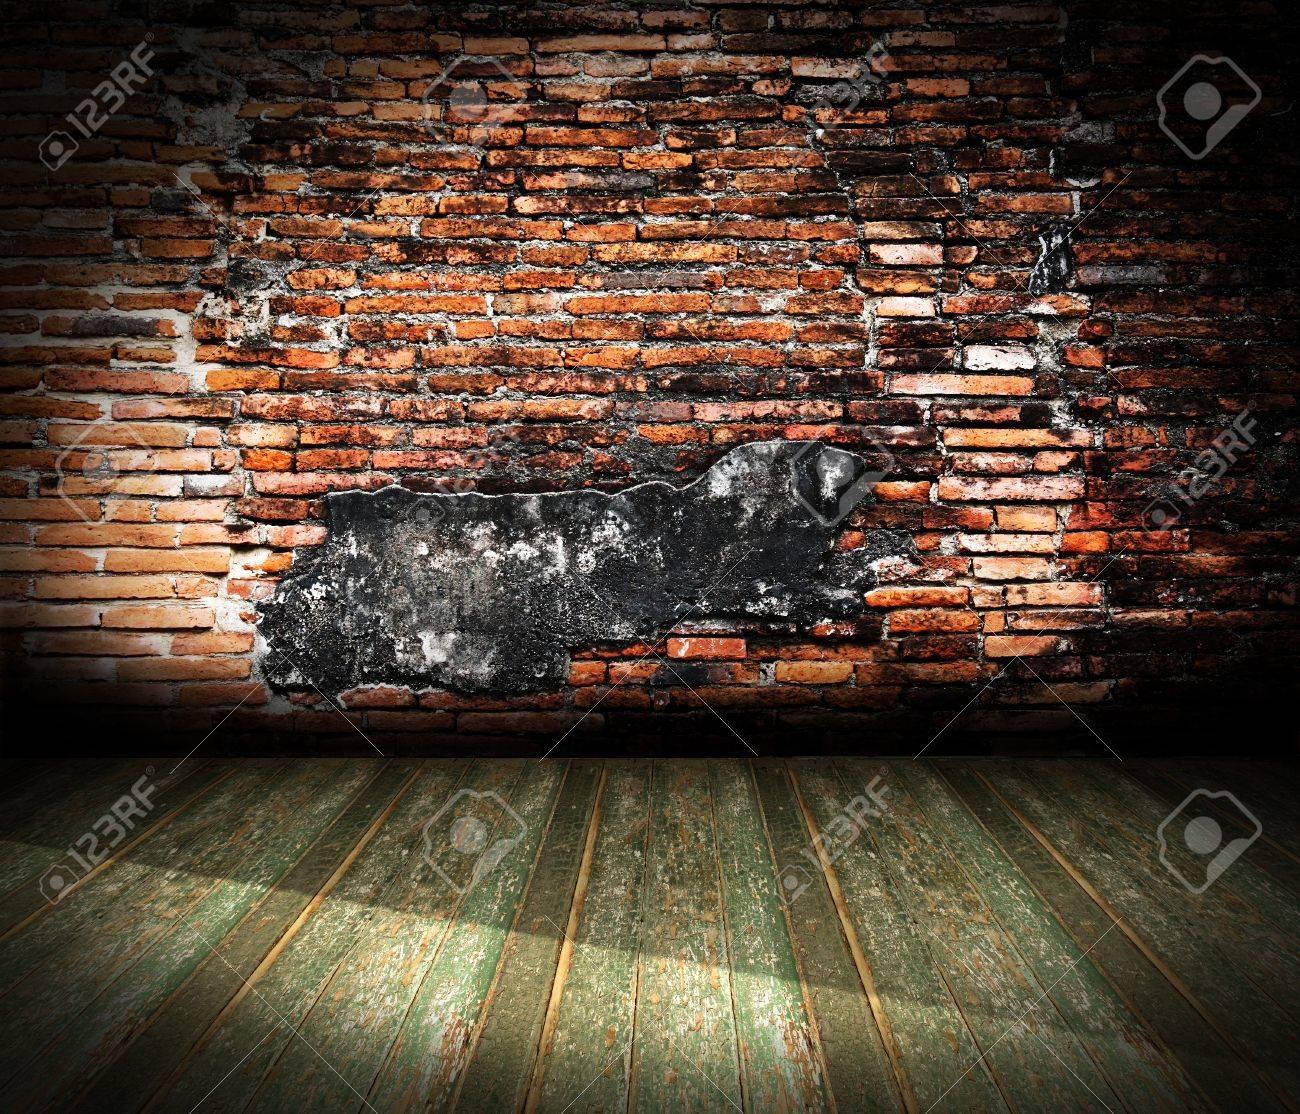 Oude Kamer Met Bakstenen Muur. Grunge Industriële Interieur ...